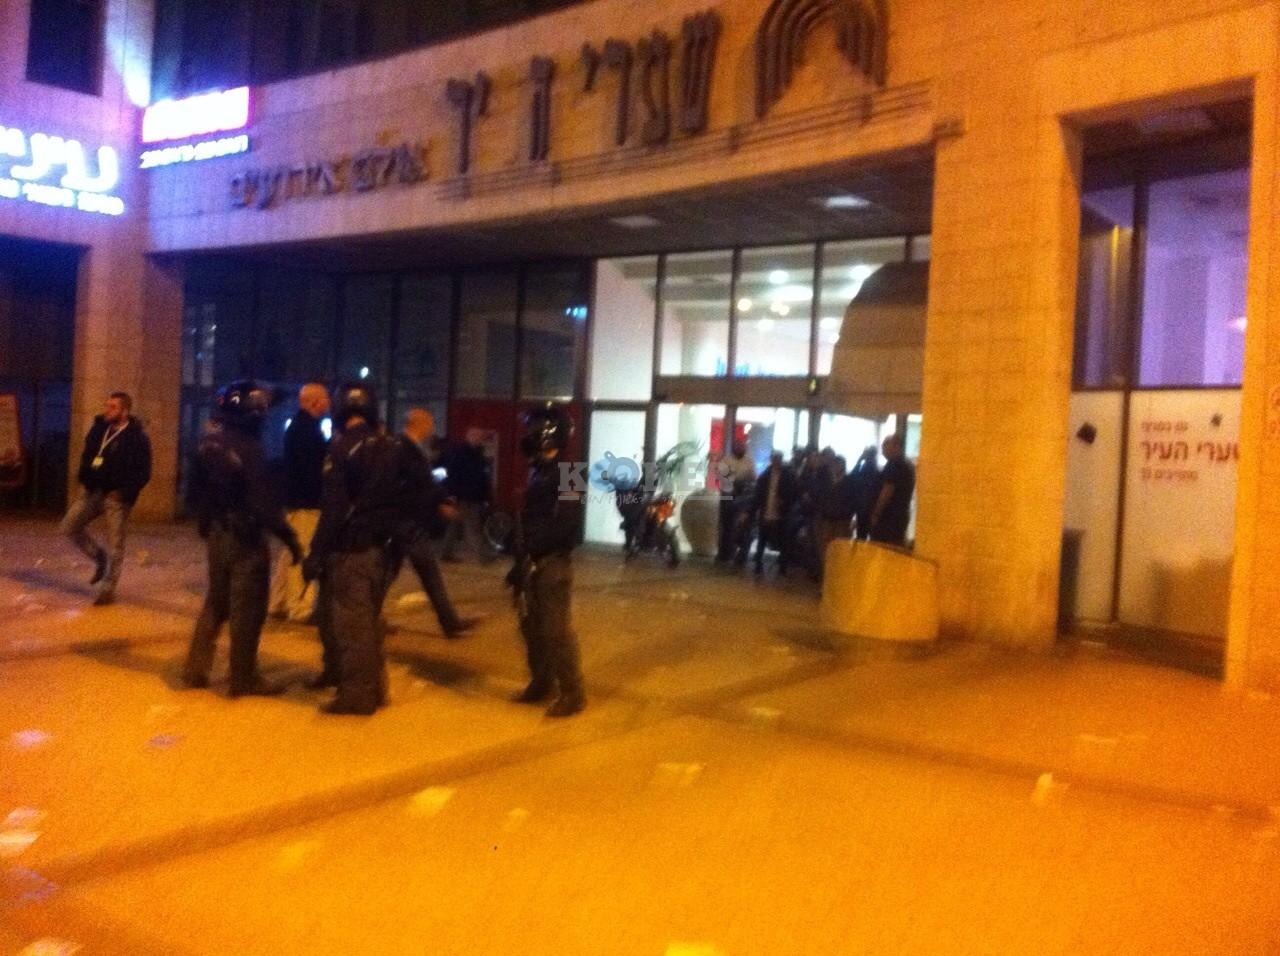 הפגנה נגד אמנון יצחק צילם חיים פביאן - סוכנות הידיעות חדשות 24 (11)